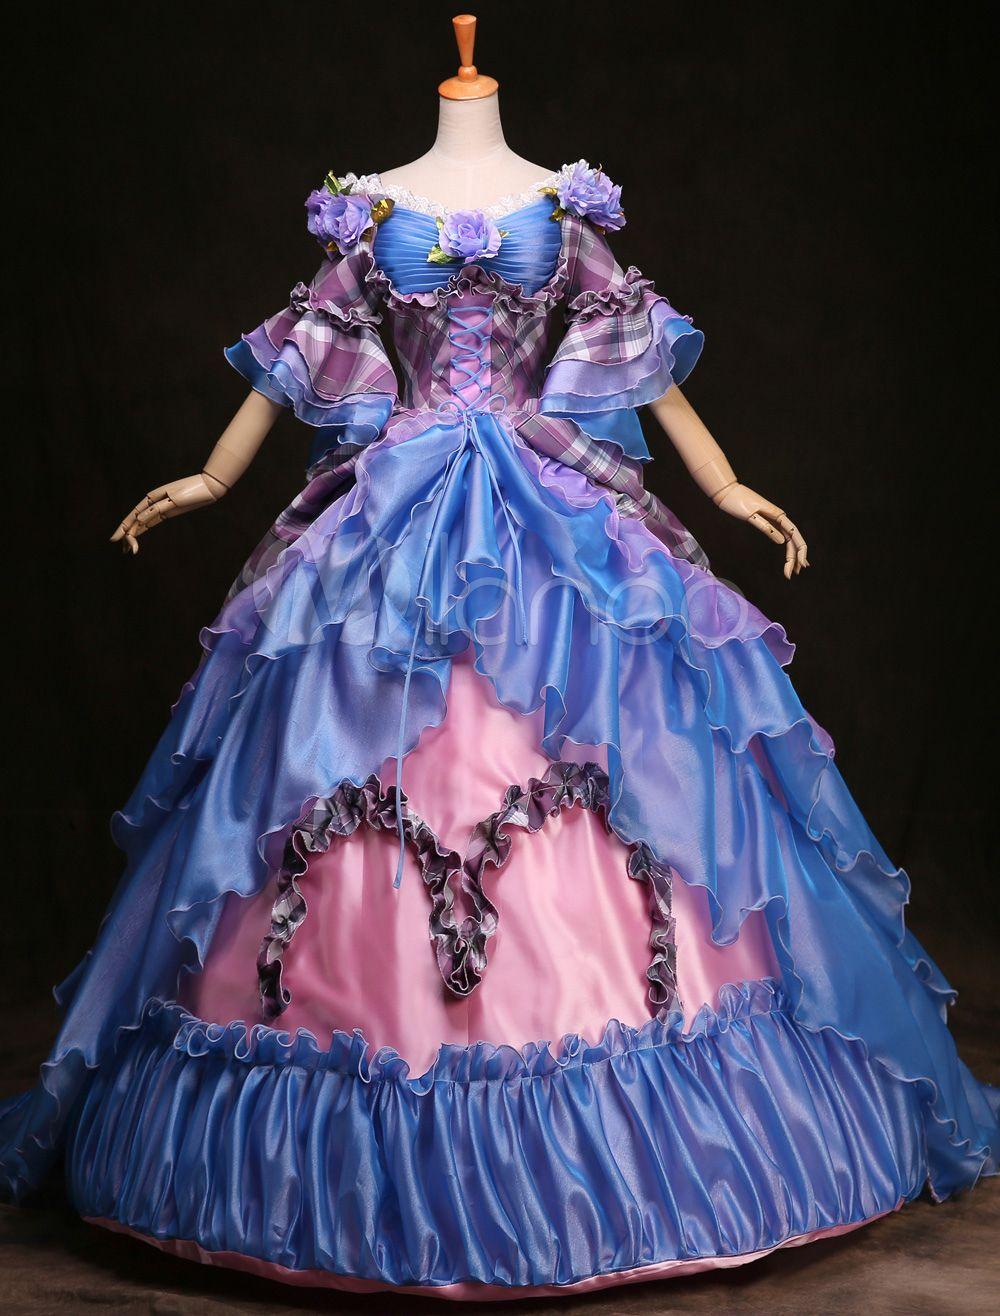 Halloween Victorian Ballroom Blue Dress Anime | www.picturesboss.com